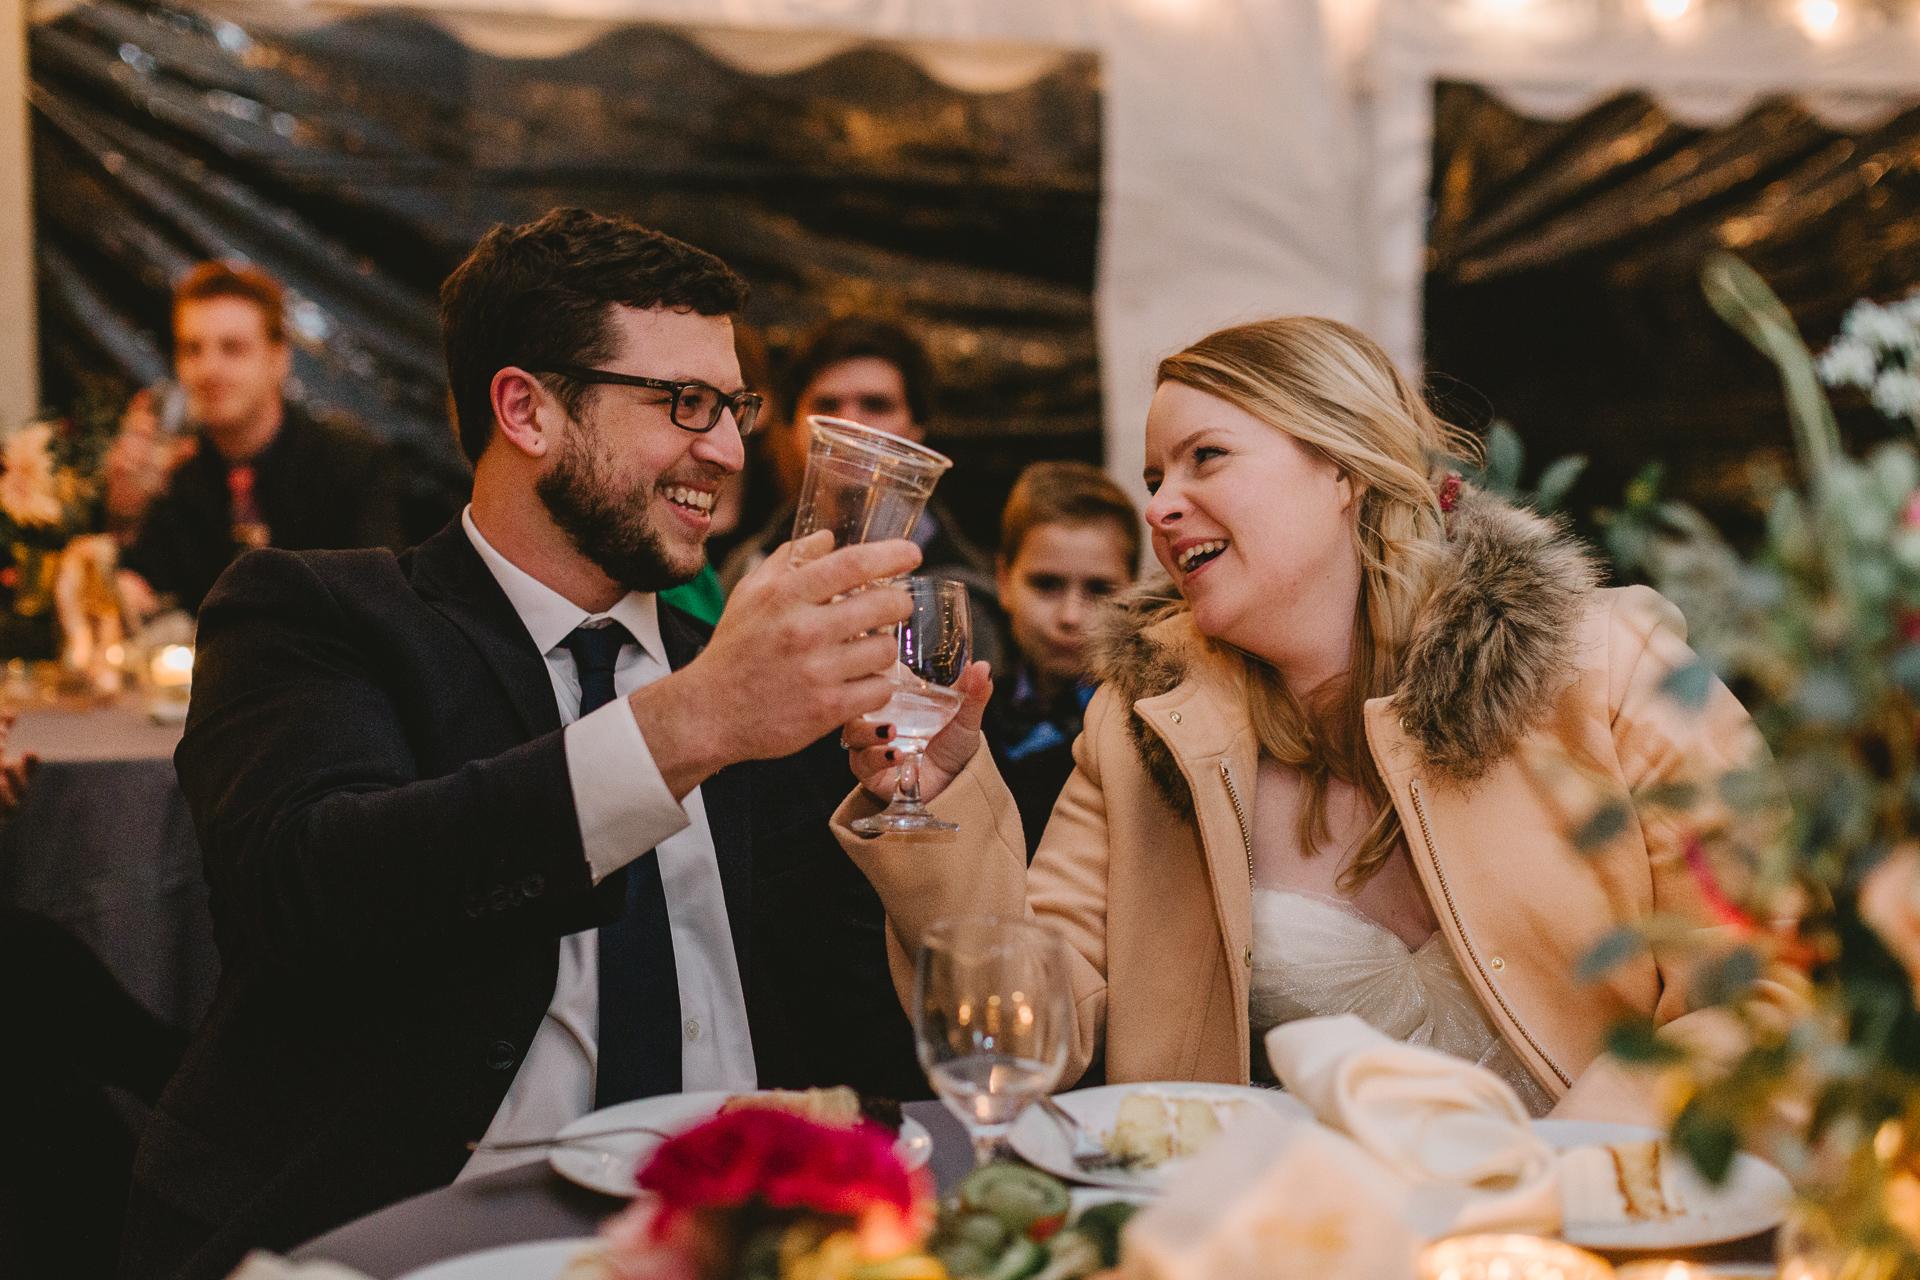 jess-hunter-tilghman-island-wedding-photographer-8743.jpg